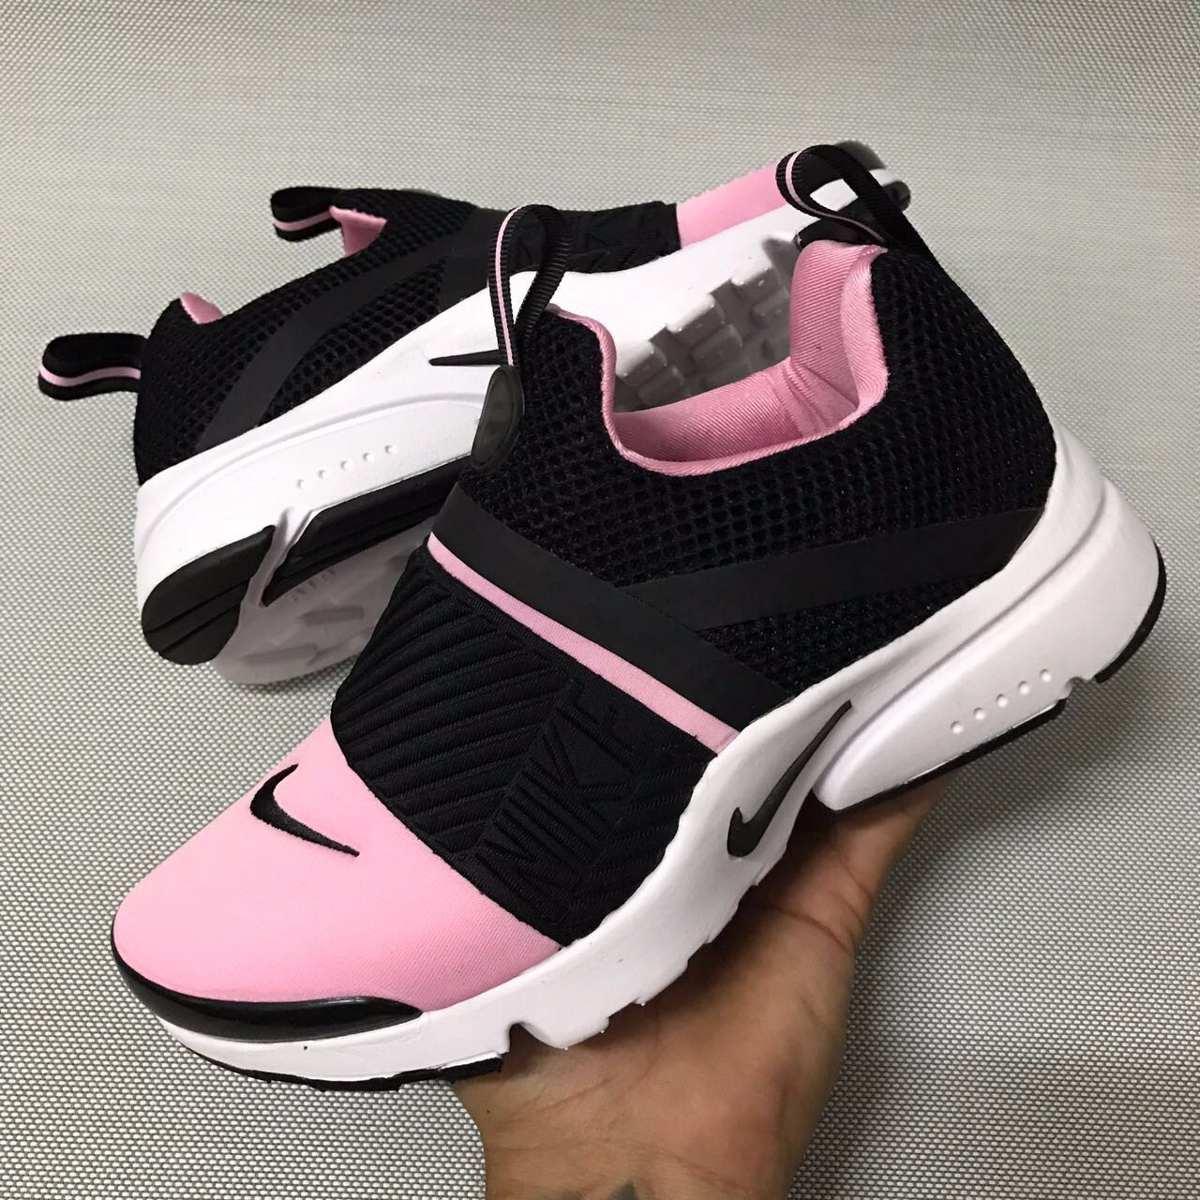 Original Regalo 245 000 De Madre Nike Dia Zapatillas Tenis Mujer n0rqT0Fw8